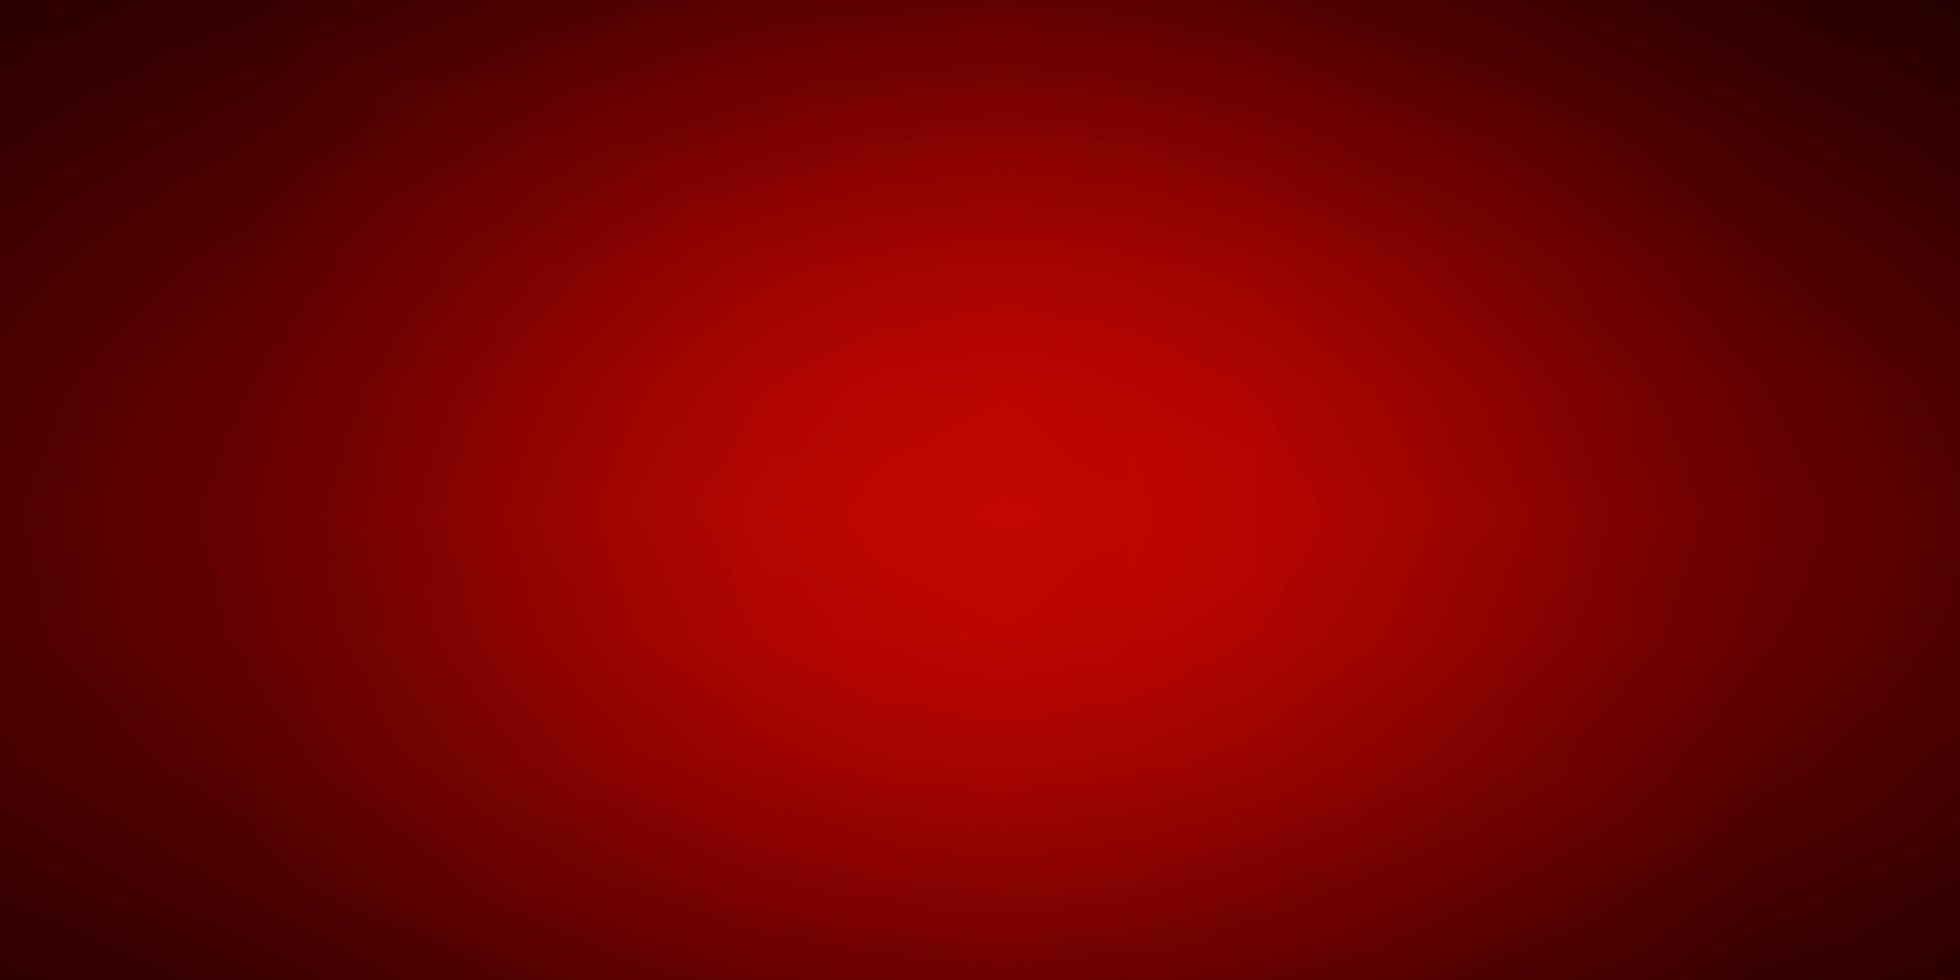 fundo abstrato vermelho escuro do vetor. vetor